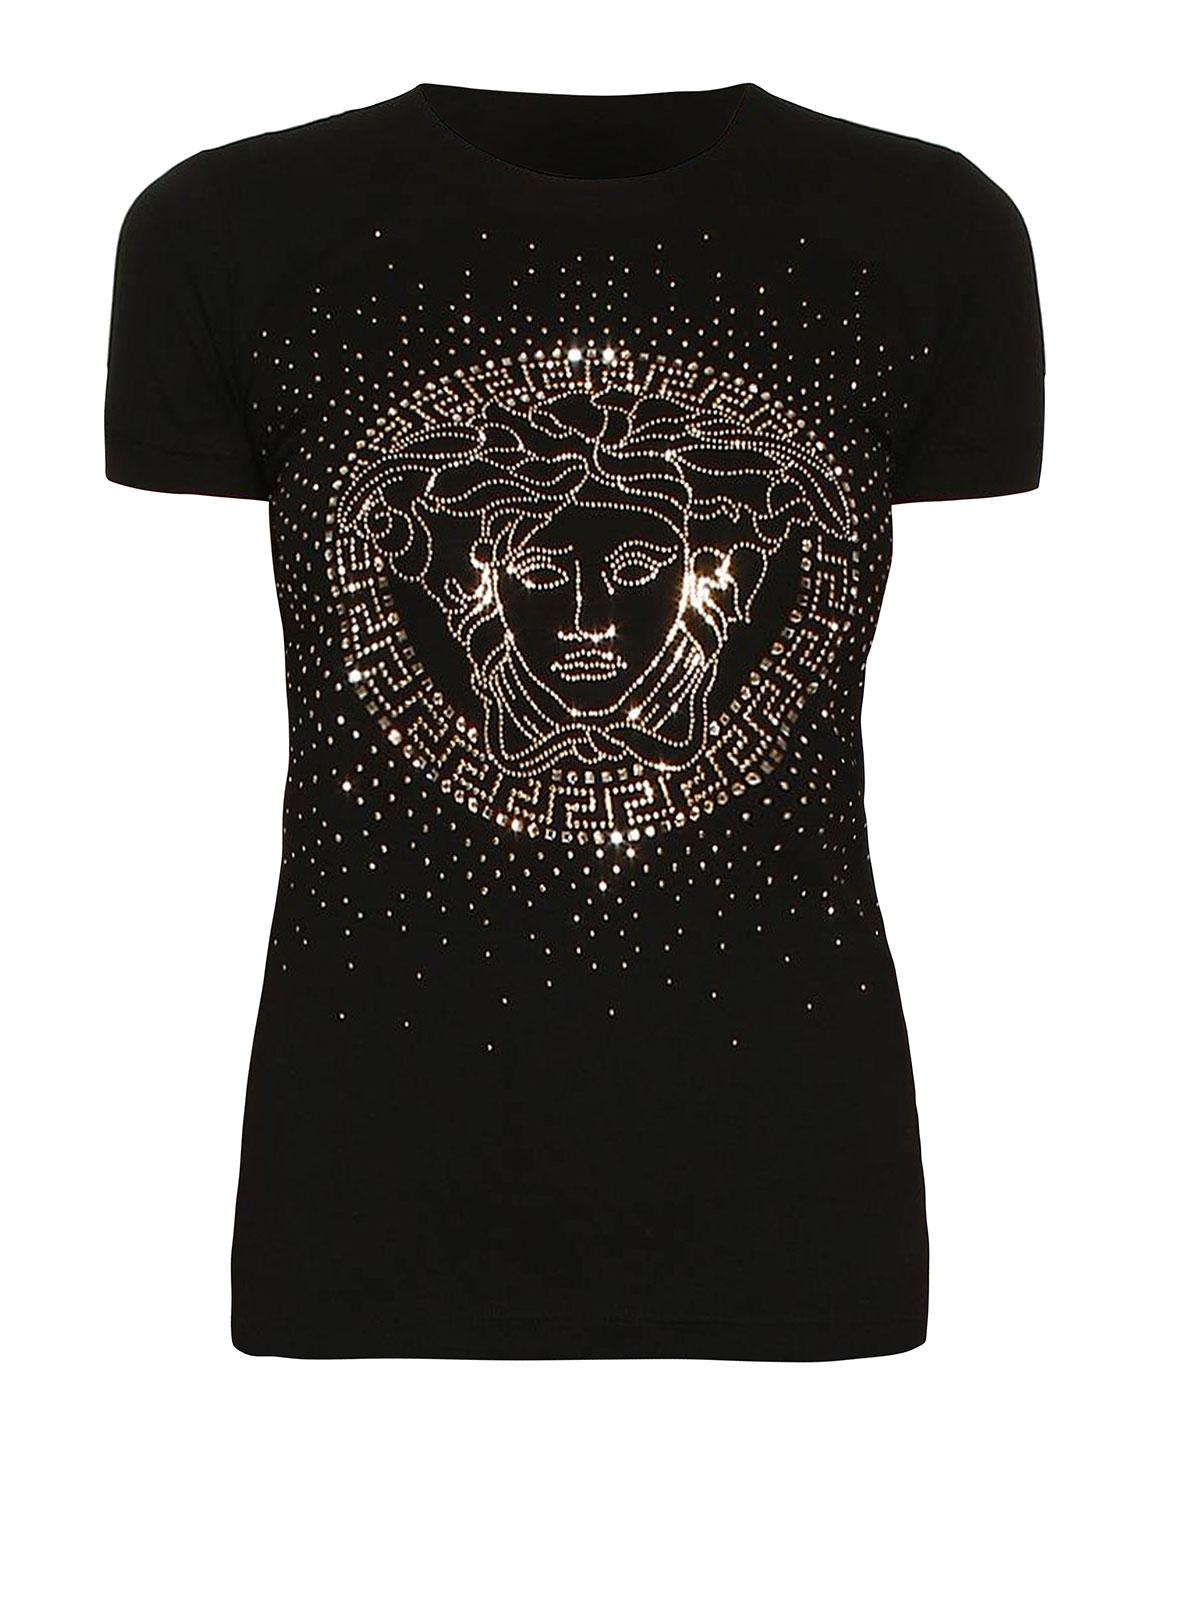 versace tshirt con logo medusa tshirt a73478